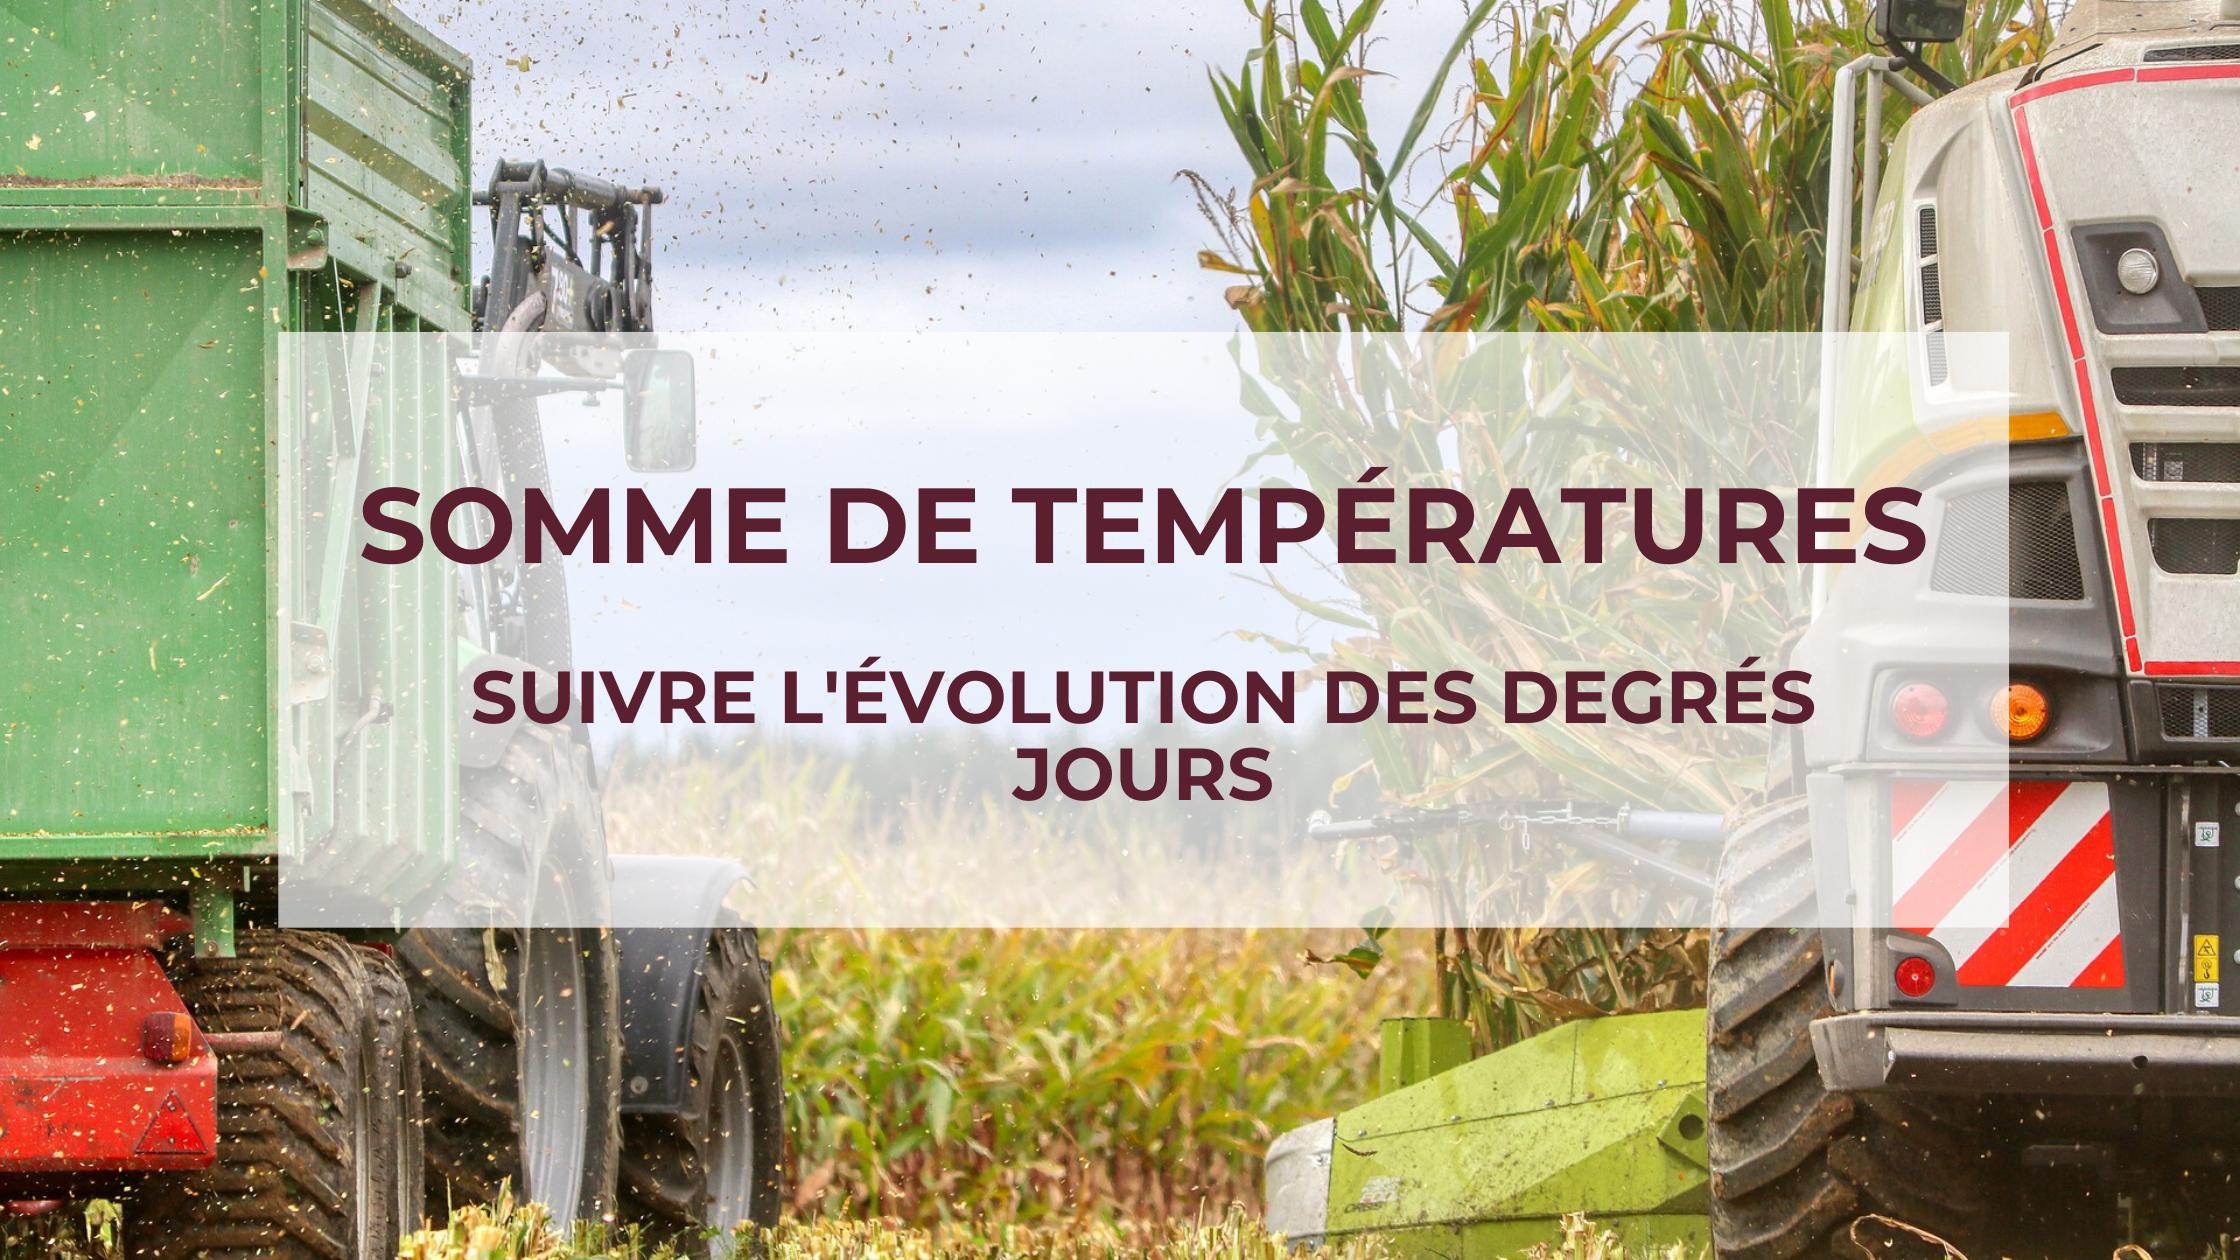 Somme de température: pourquoi suivre l'évolution des degrés jours ?